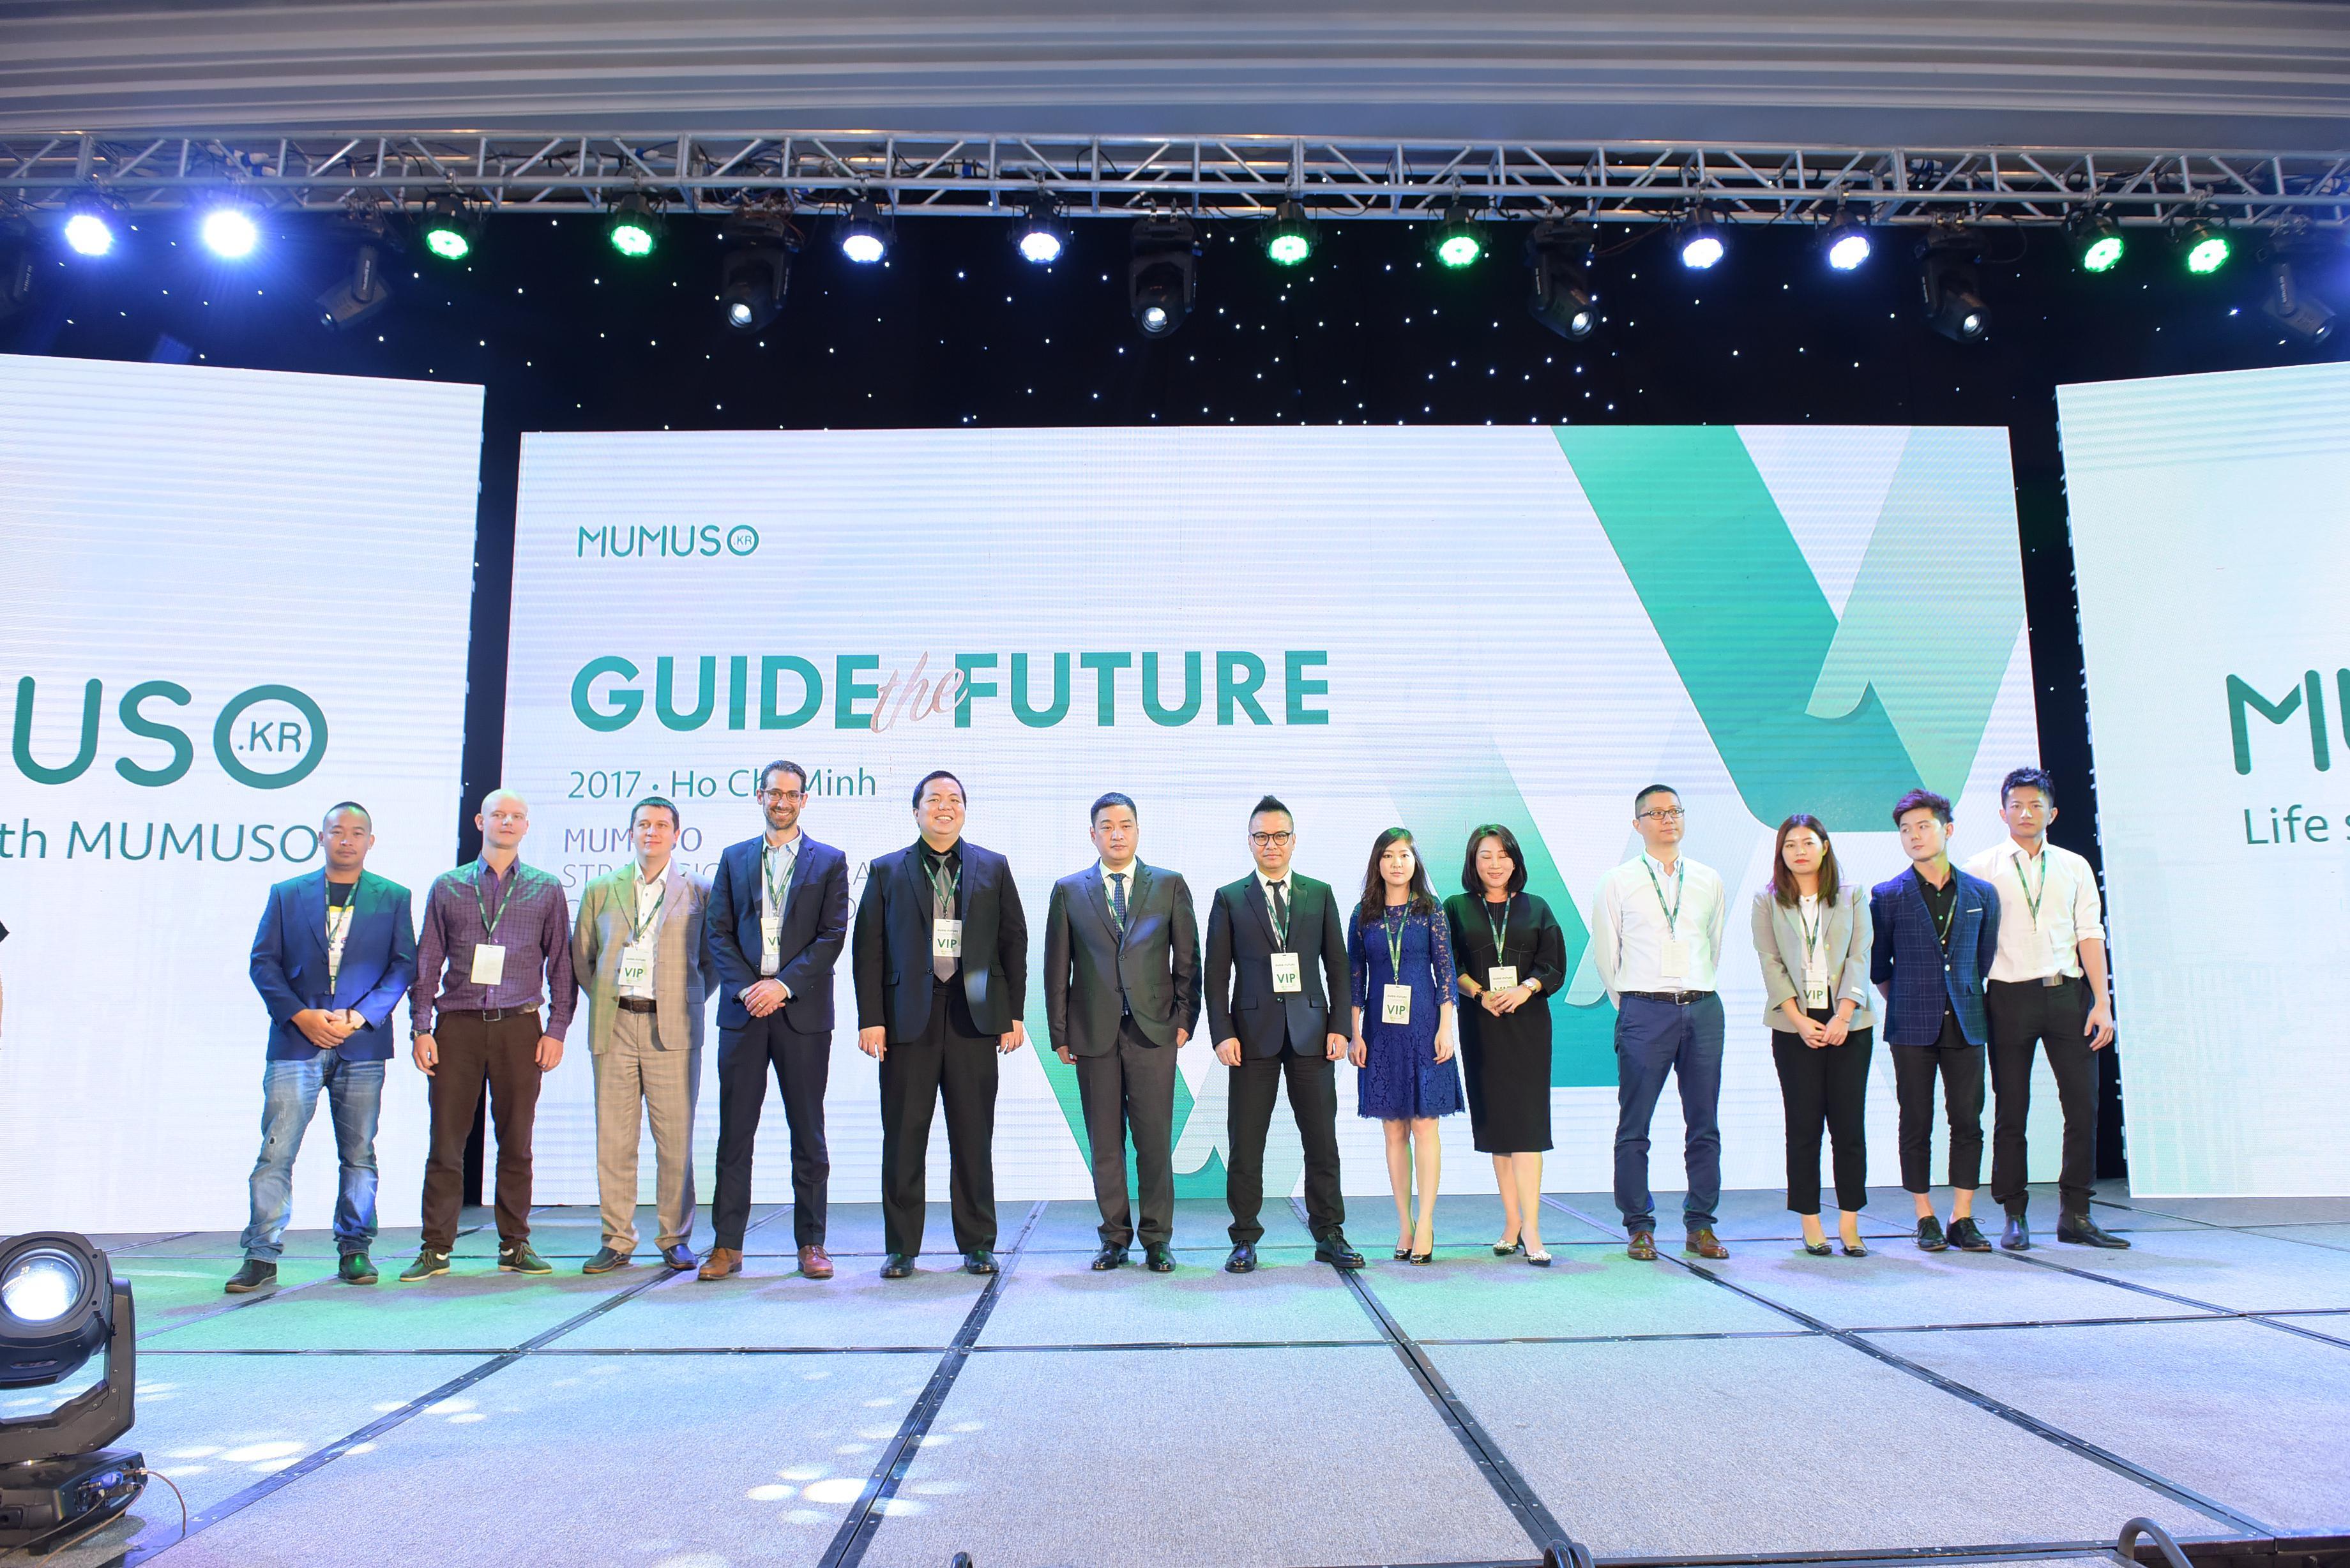 创赢V来 MUMUSO木槿生活战略合作暨全球高峰论坛在越南成功举办